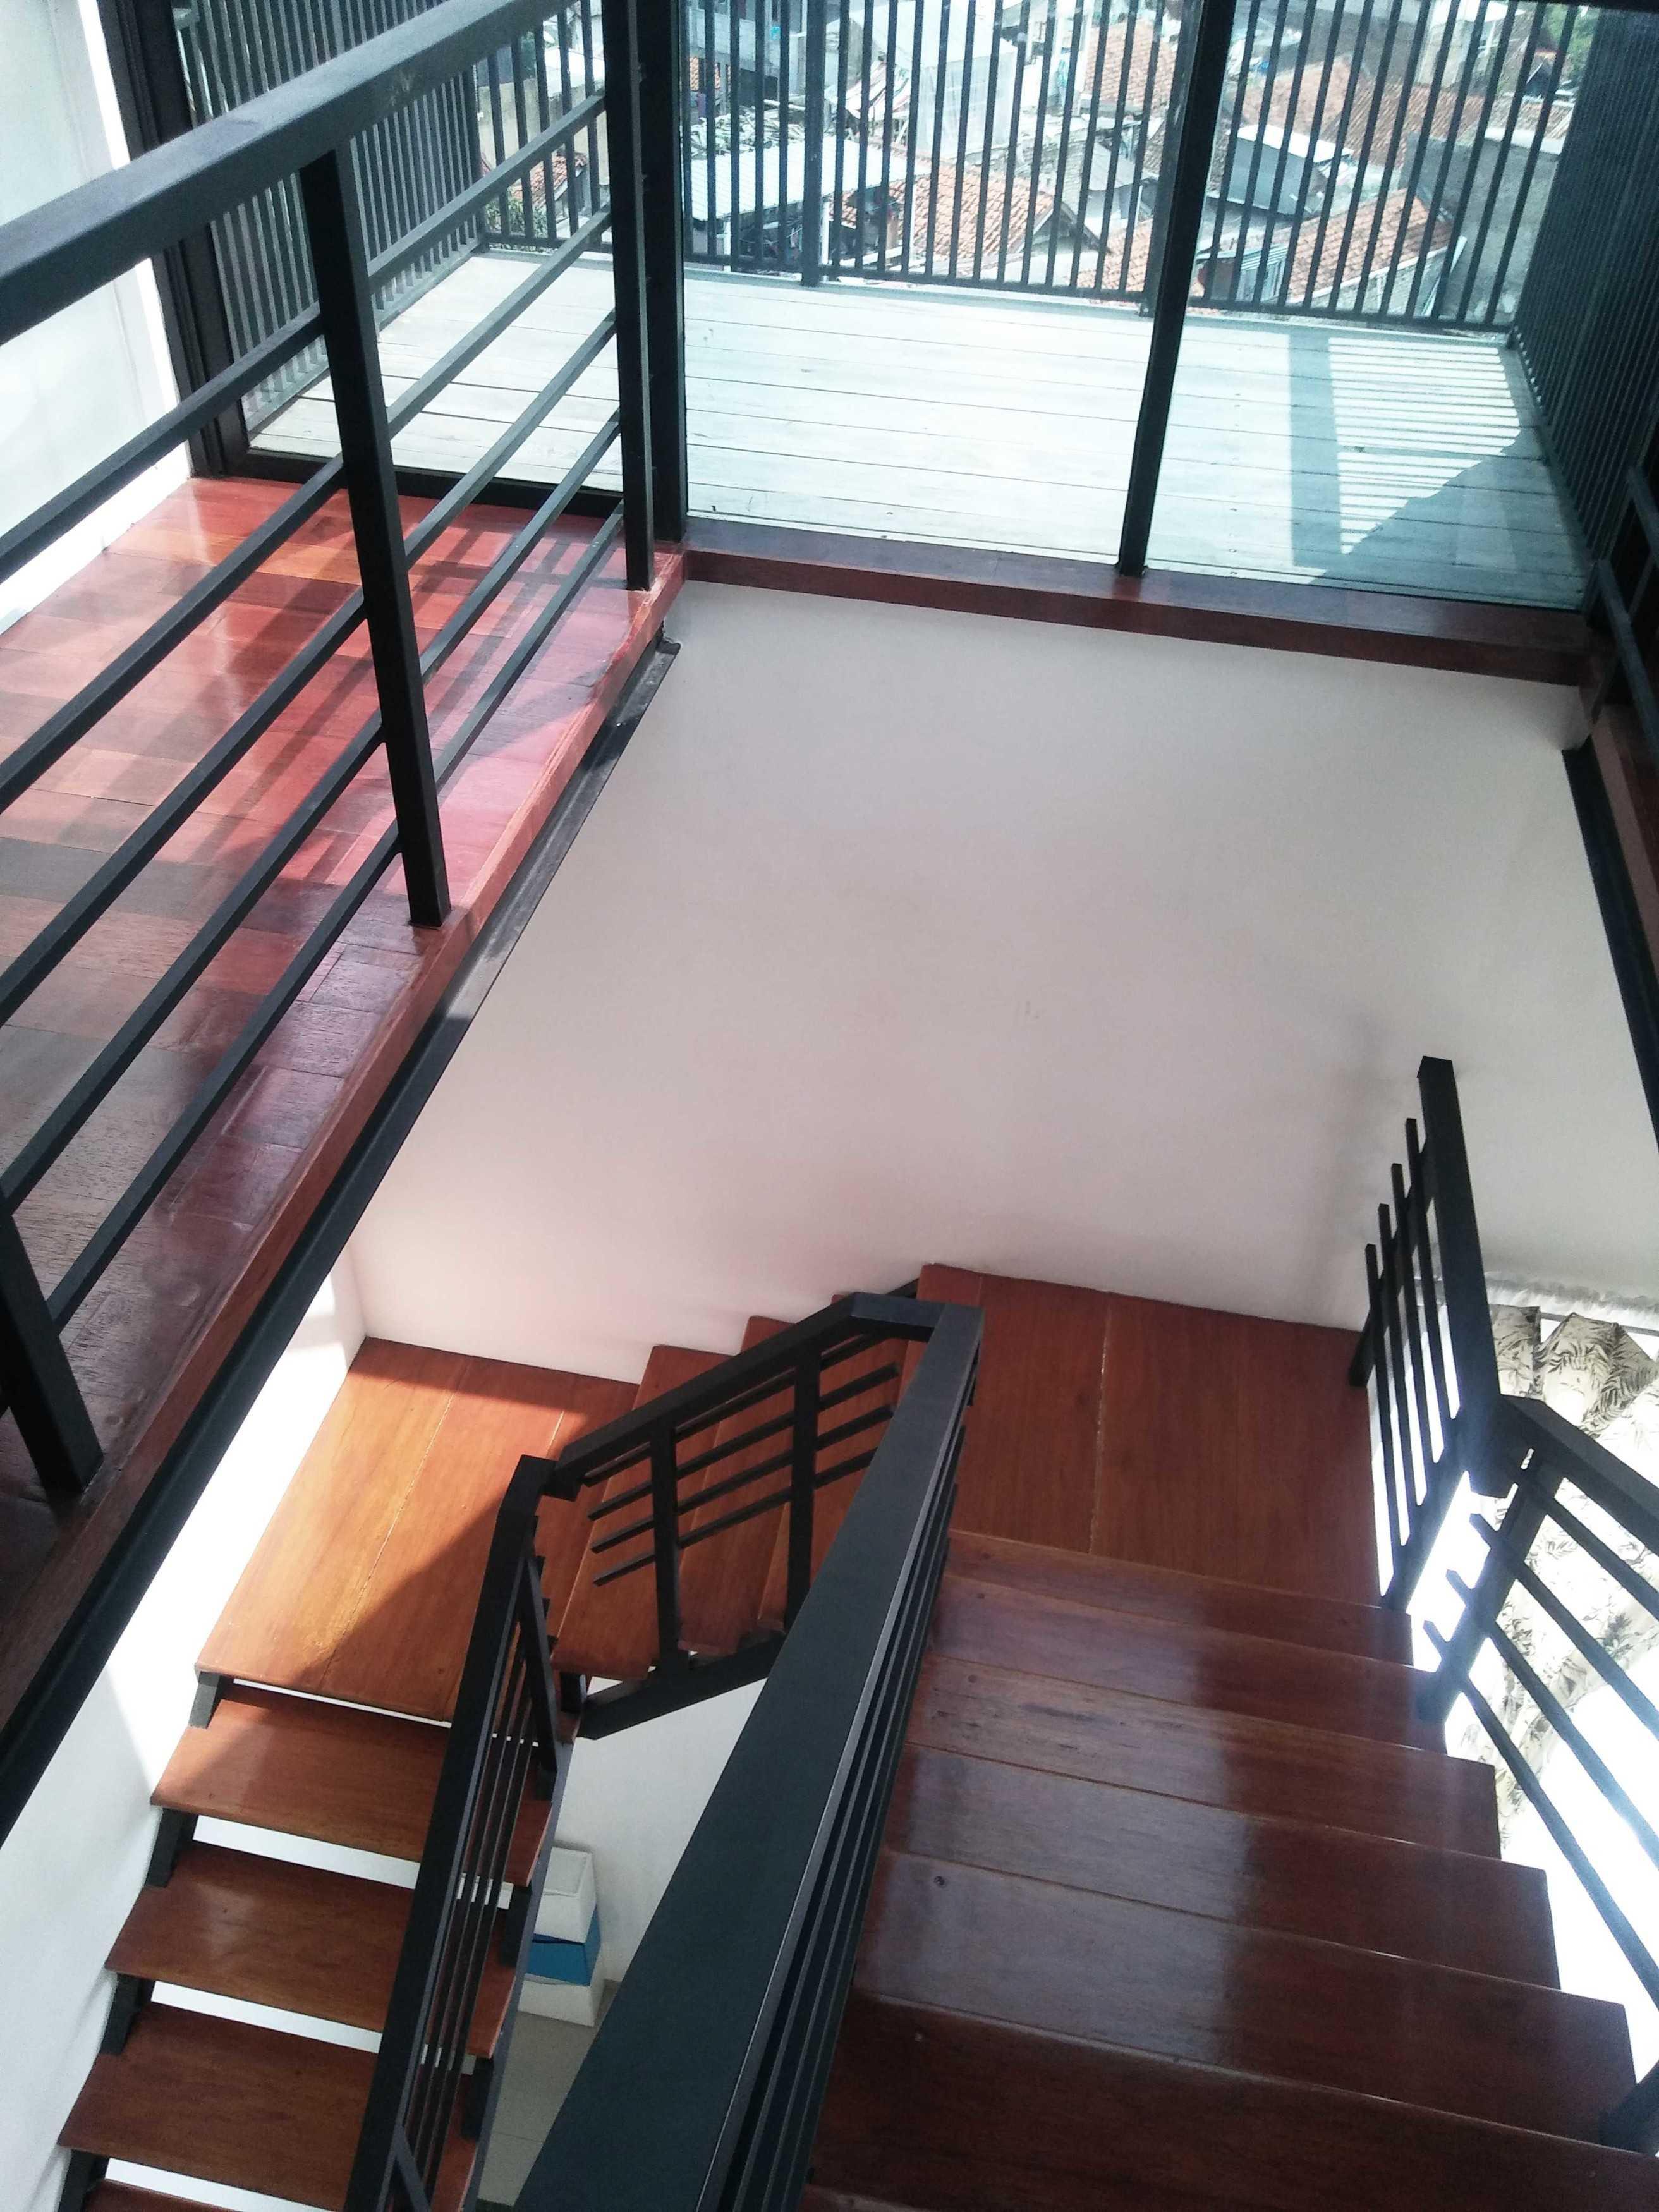 Atelier Ara Rumah Gerlong Bandung, Kota Bandung, Jawa Barat, Indonesia Bandung, Kota Bandung, Jawa Barat, Indonesia Atelier-Ara-Rumah-Gerlong   74331